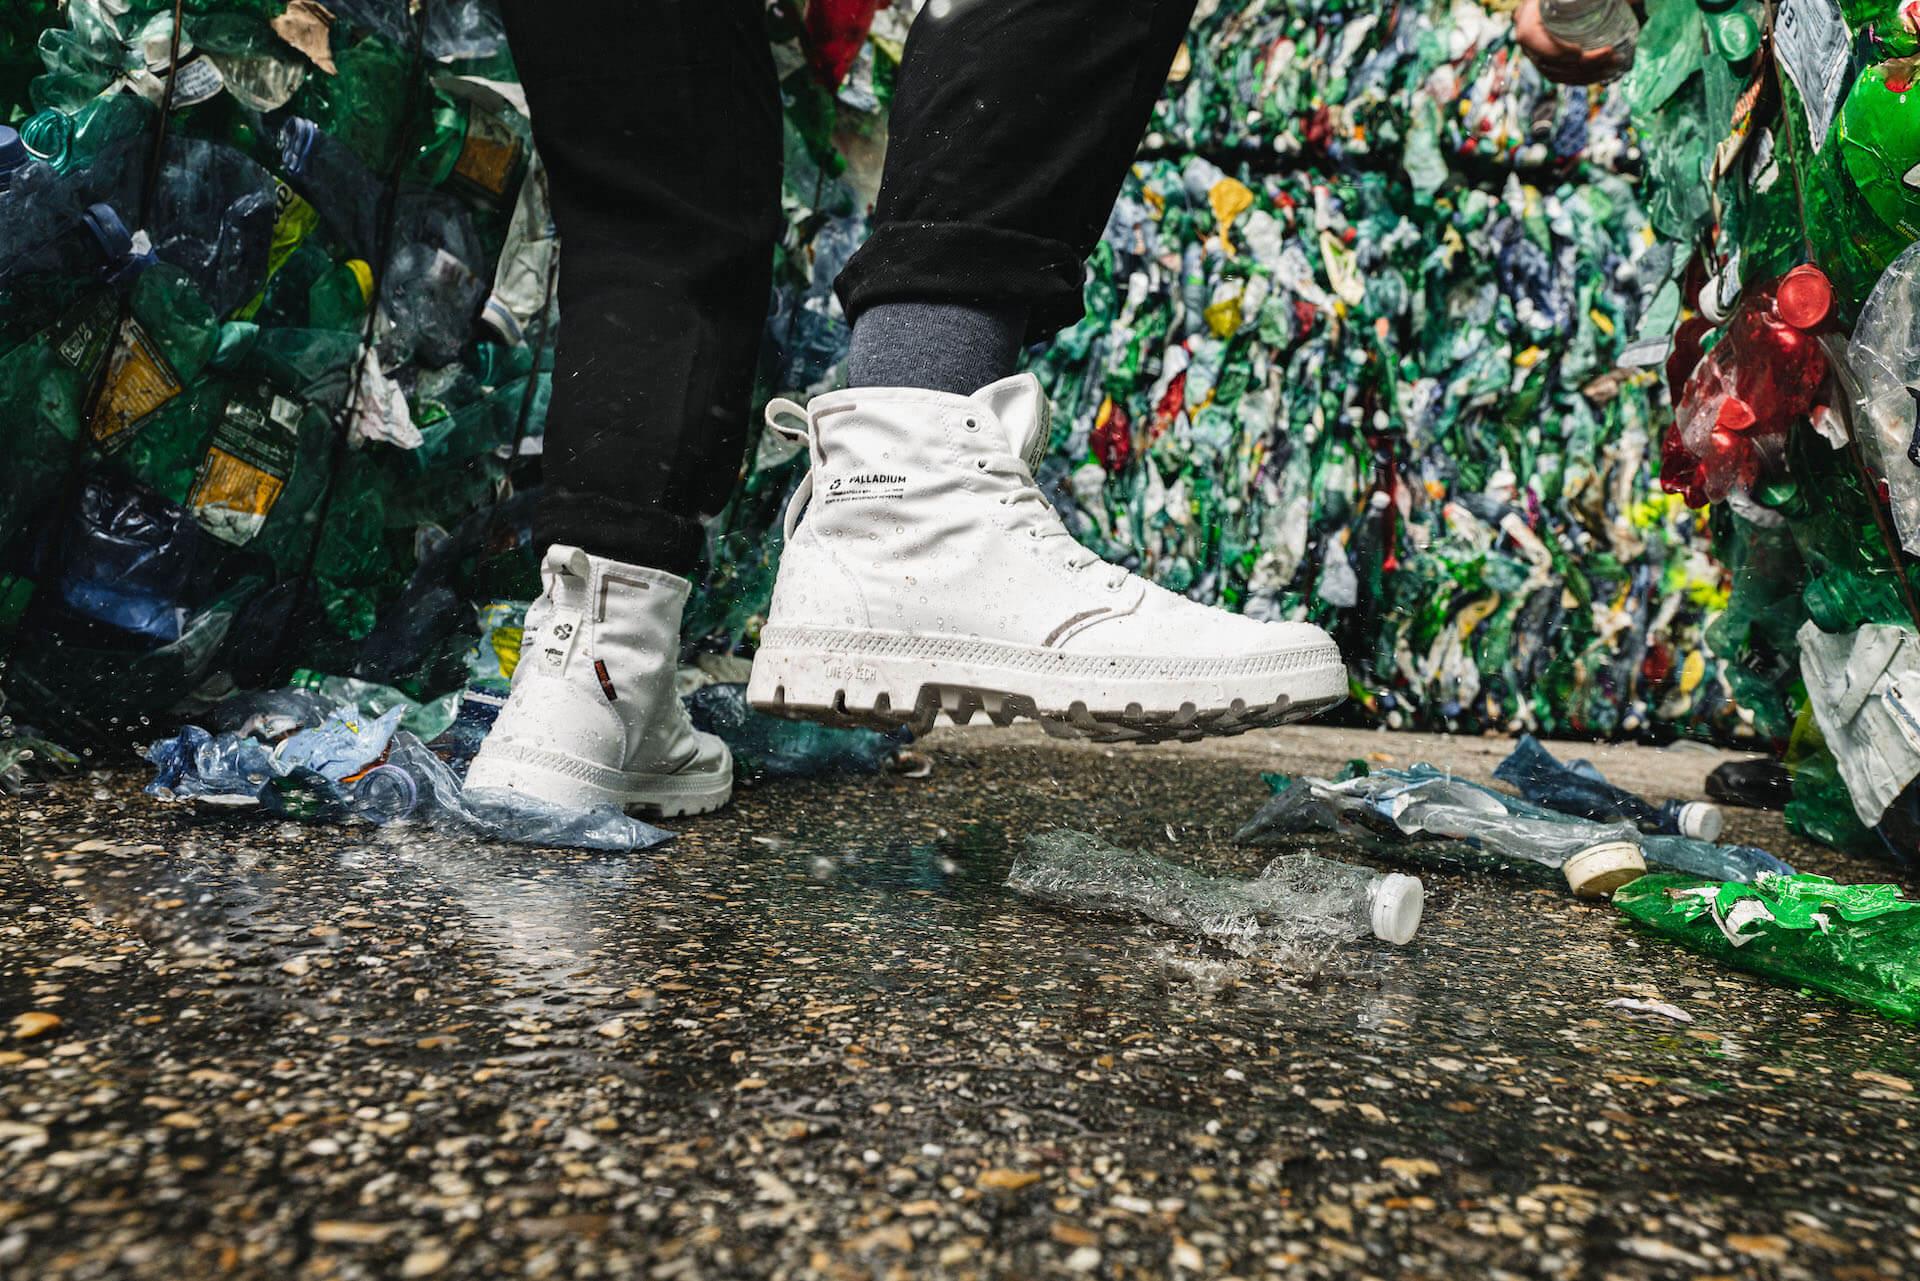 パラディウムから微生物の働きにより分解できる素材やペットボトルを使ったサスティナブルな防水ブーツ3モデルが登場! lf200305_palladiumrcycl_10